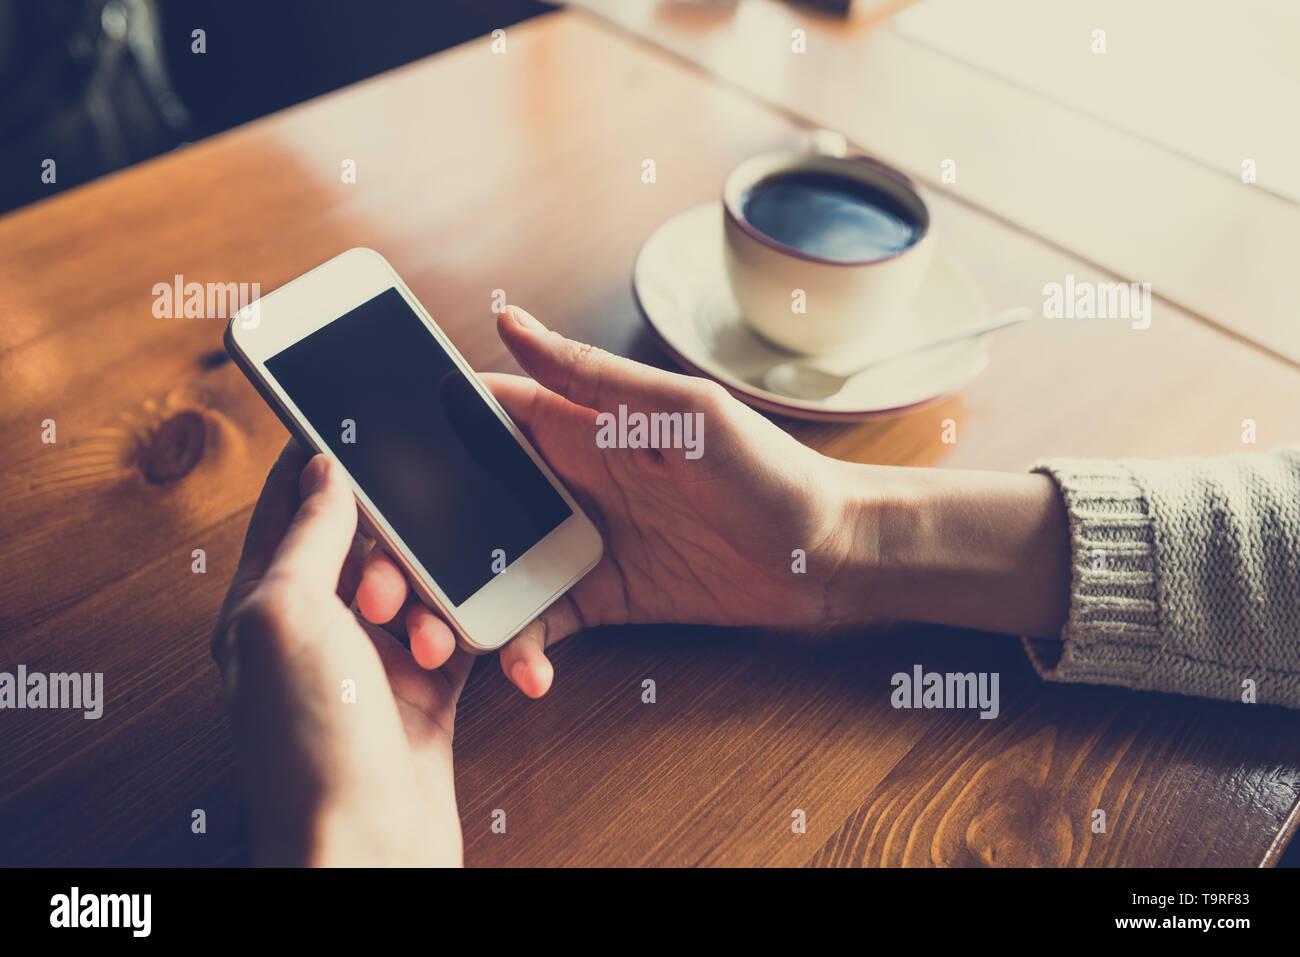 Mujer usando el smartphone en mesa de madera en el cafe. Imagen cercana con el concepto de las redes sociales Foto de stock